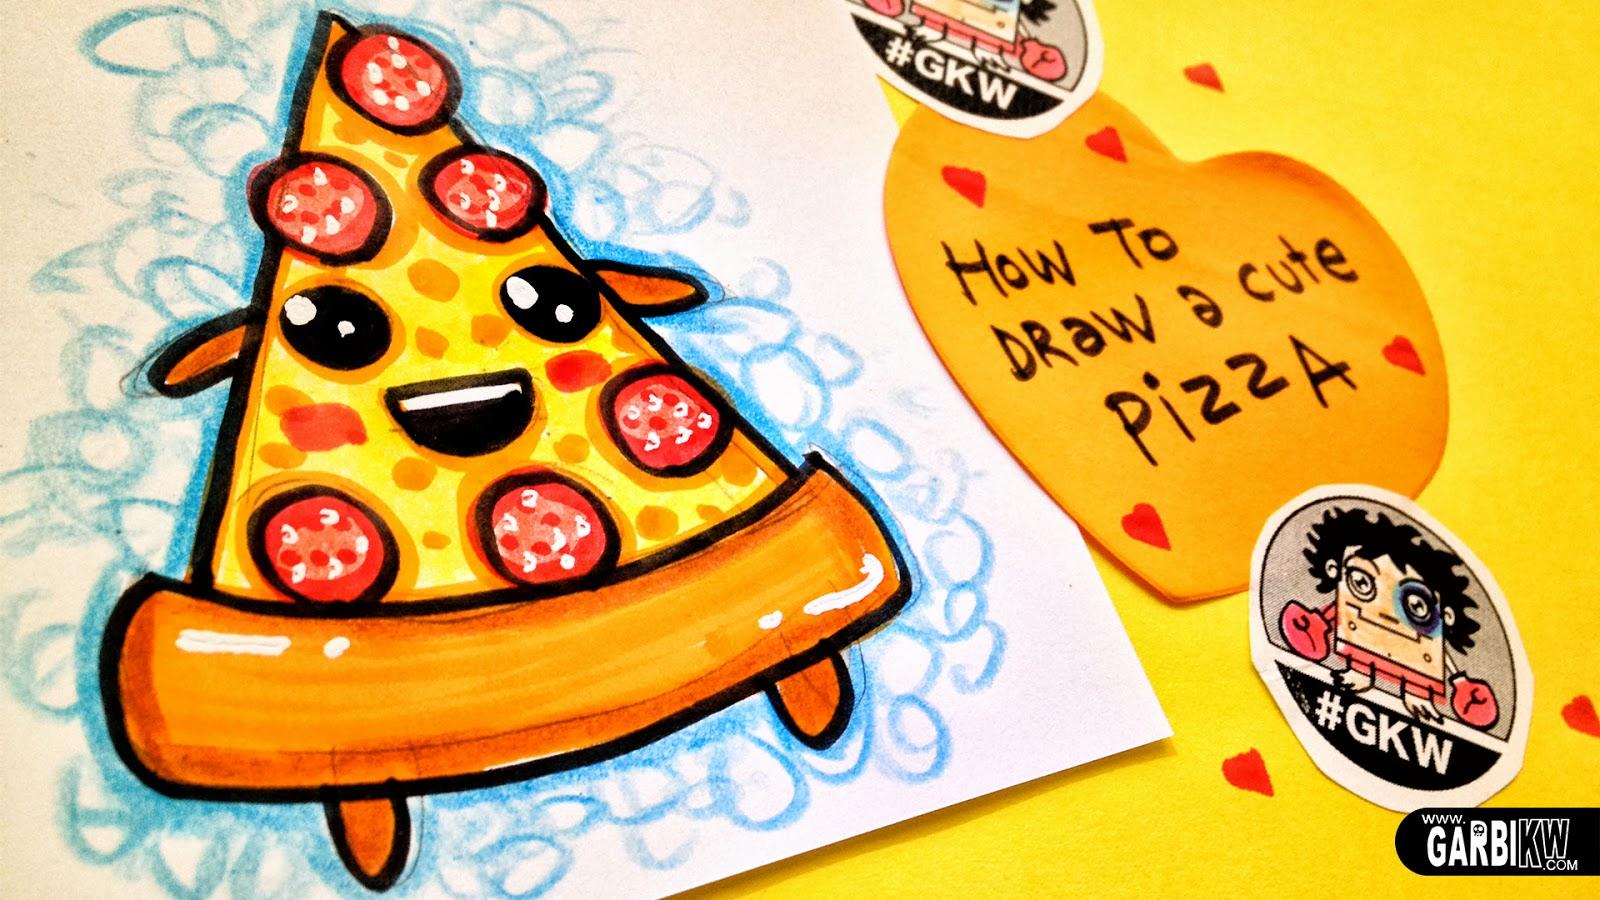 Tutorial Cmo Dibujar Una pizza bonita  Dibujos sencillos y